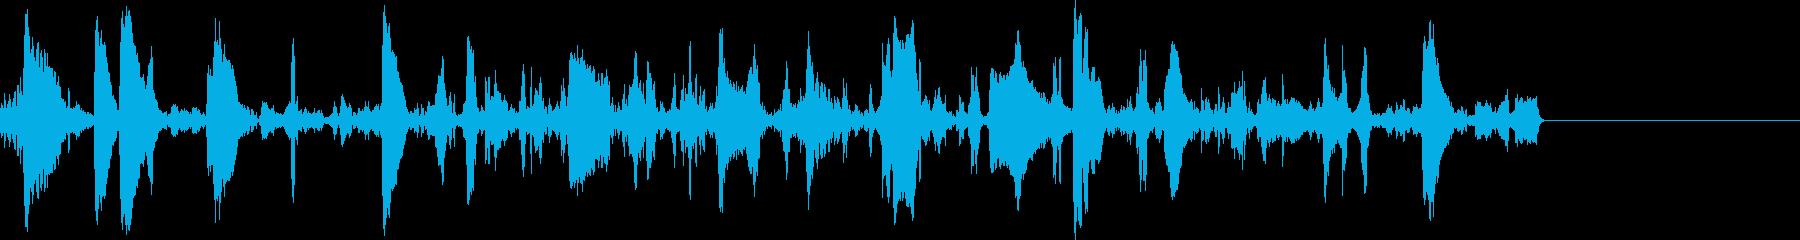 ブクブク・泡の音の再生済みの波形